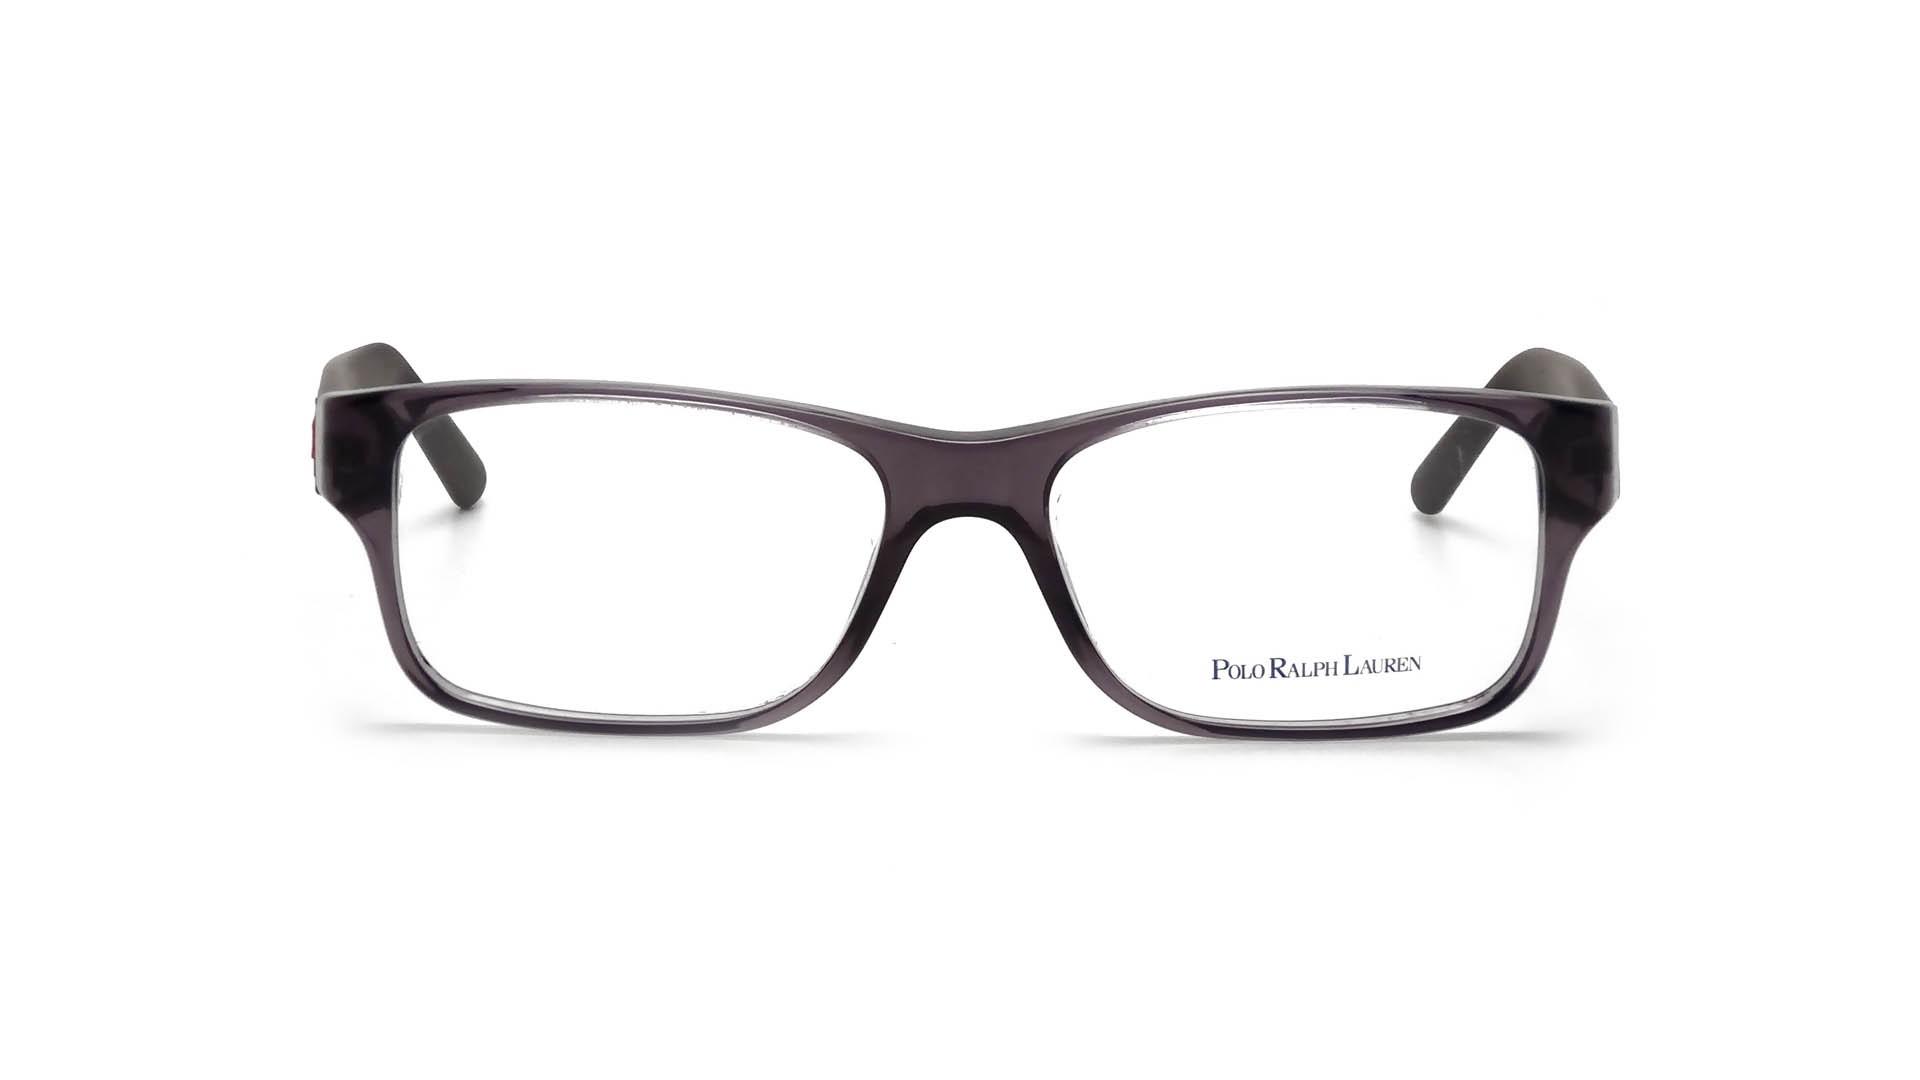 Lunettes de vue Polo Ralph Lauren PH 2117 5407 Gris